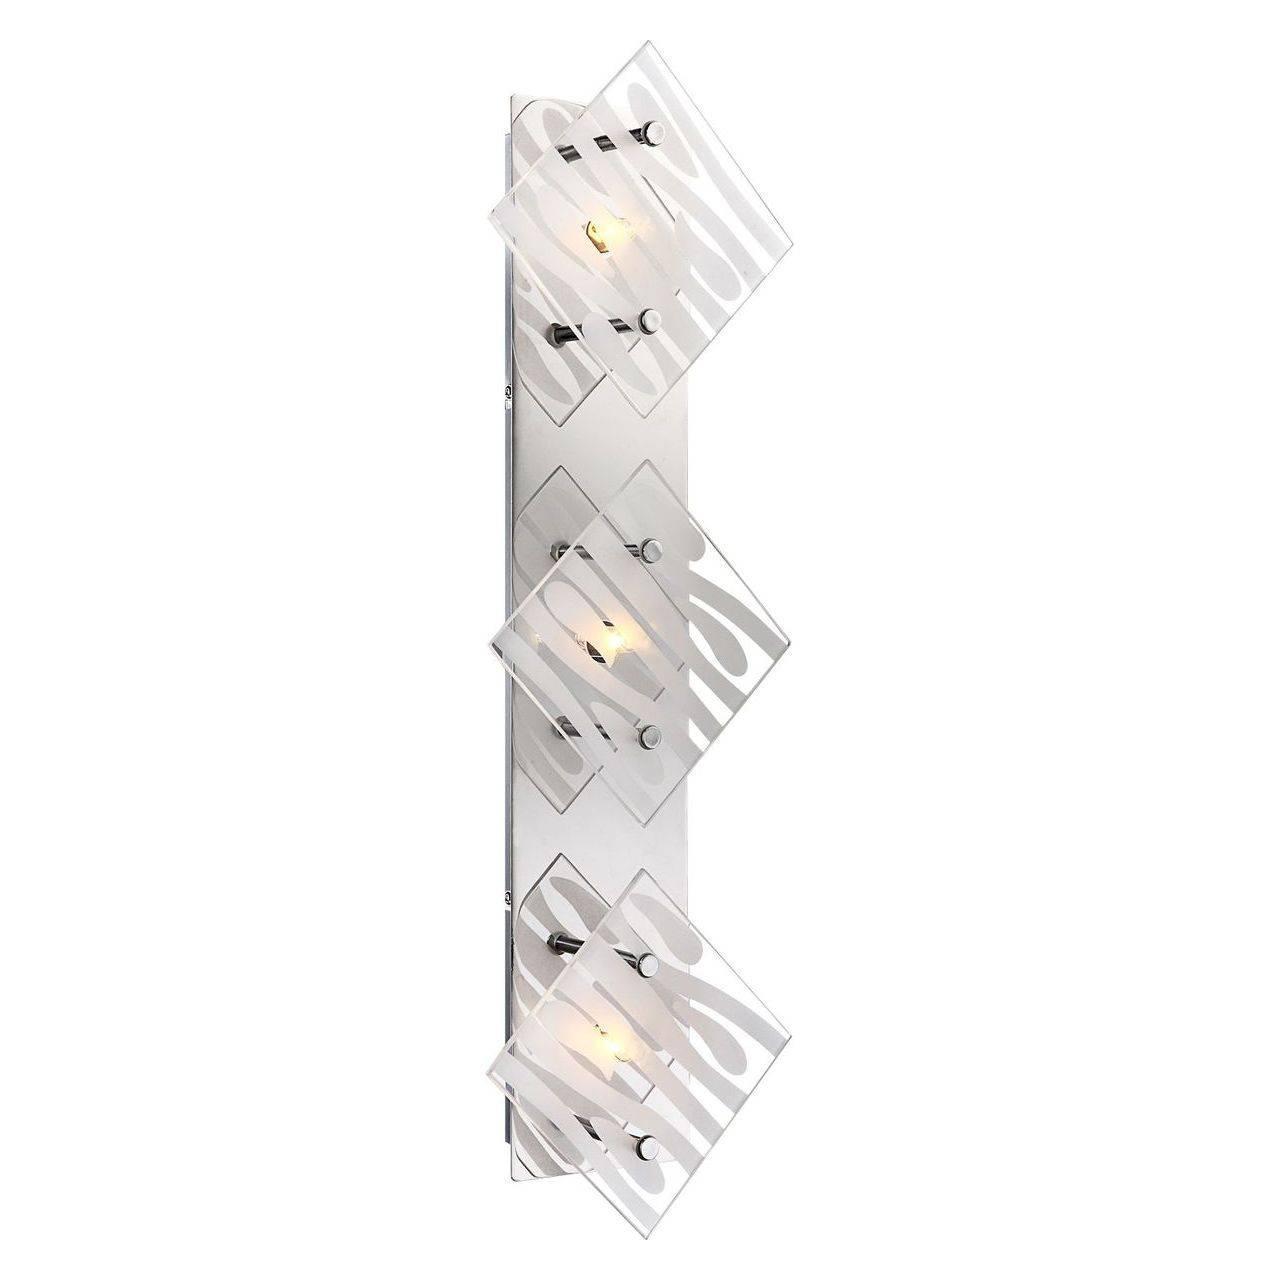 Фото - Настенный светодиодный светильник Globo Carat 48694-3 накладной светильник globo carat 48694 1